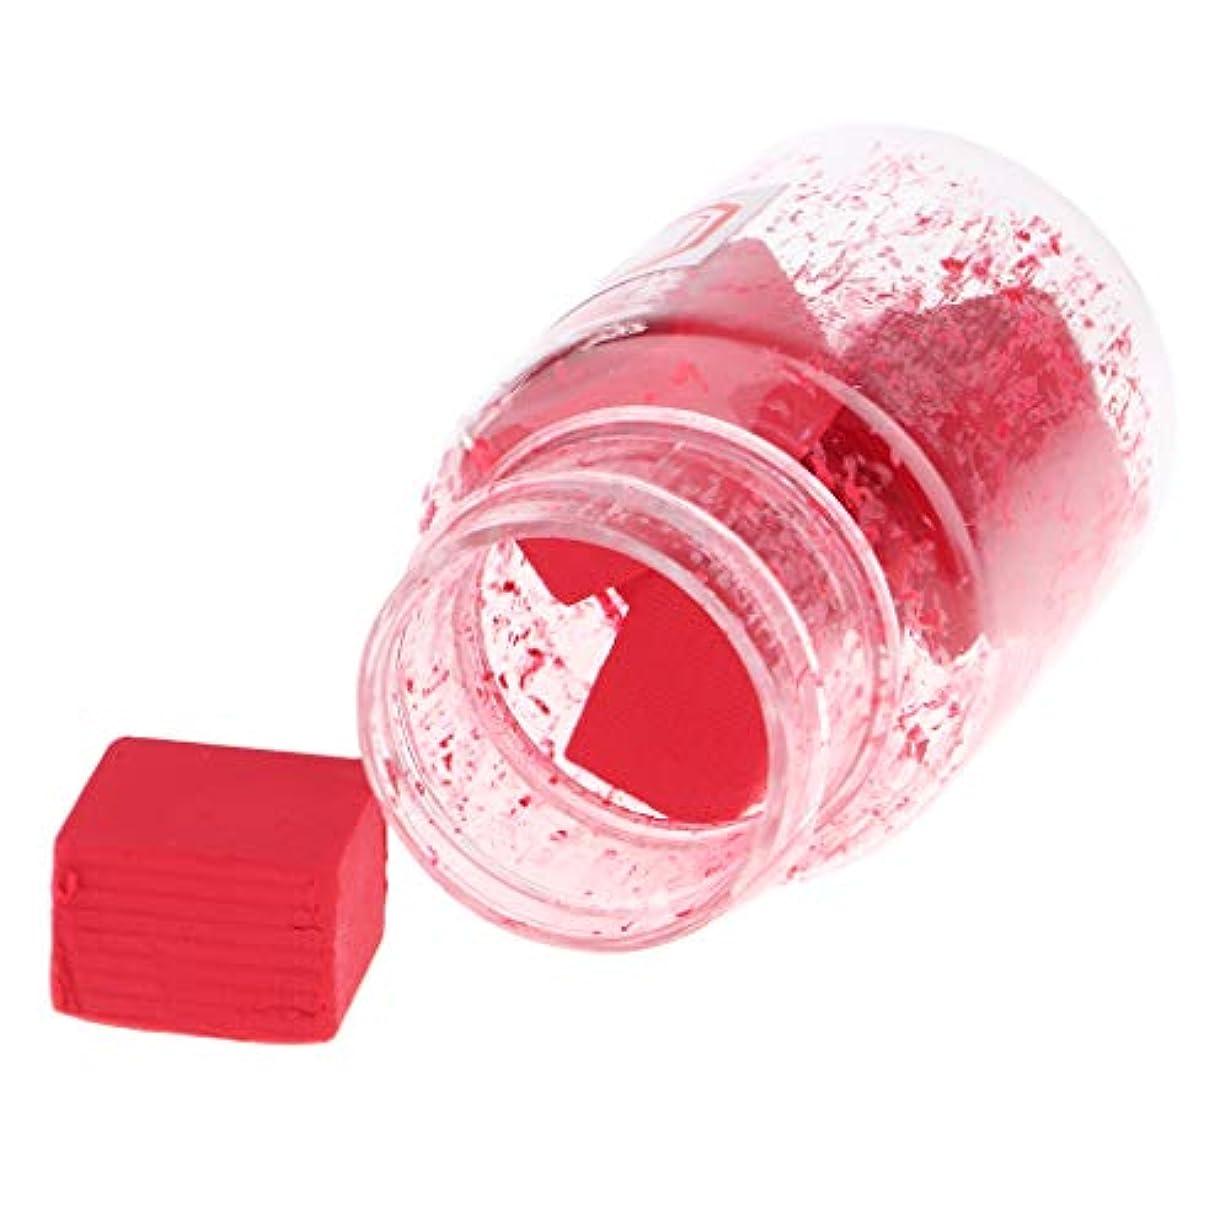 決して副産物セージPerfeclan 口紅作り DIY リップスティック原料 赤面原料 無ワックス 無粉砕 無飛翔粉末 9色選択でき - B